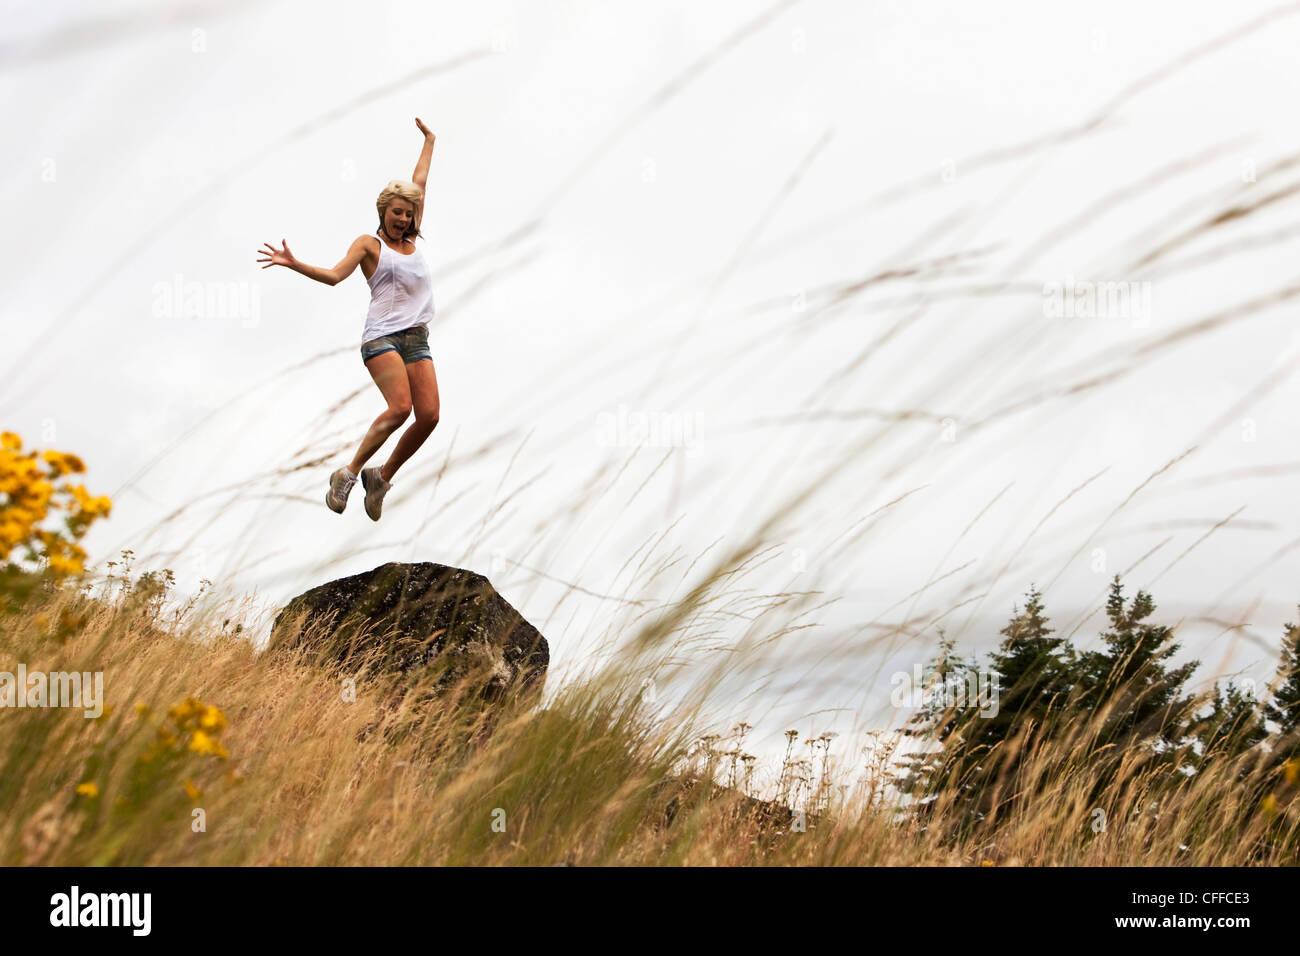 Eine junge Frau springt in die Luft in Idaho. Stockbild